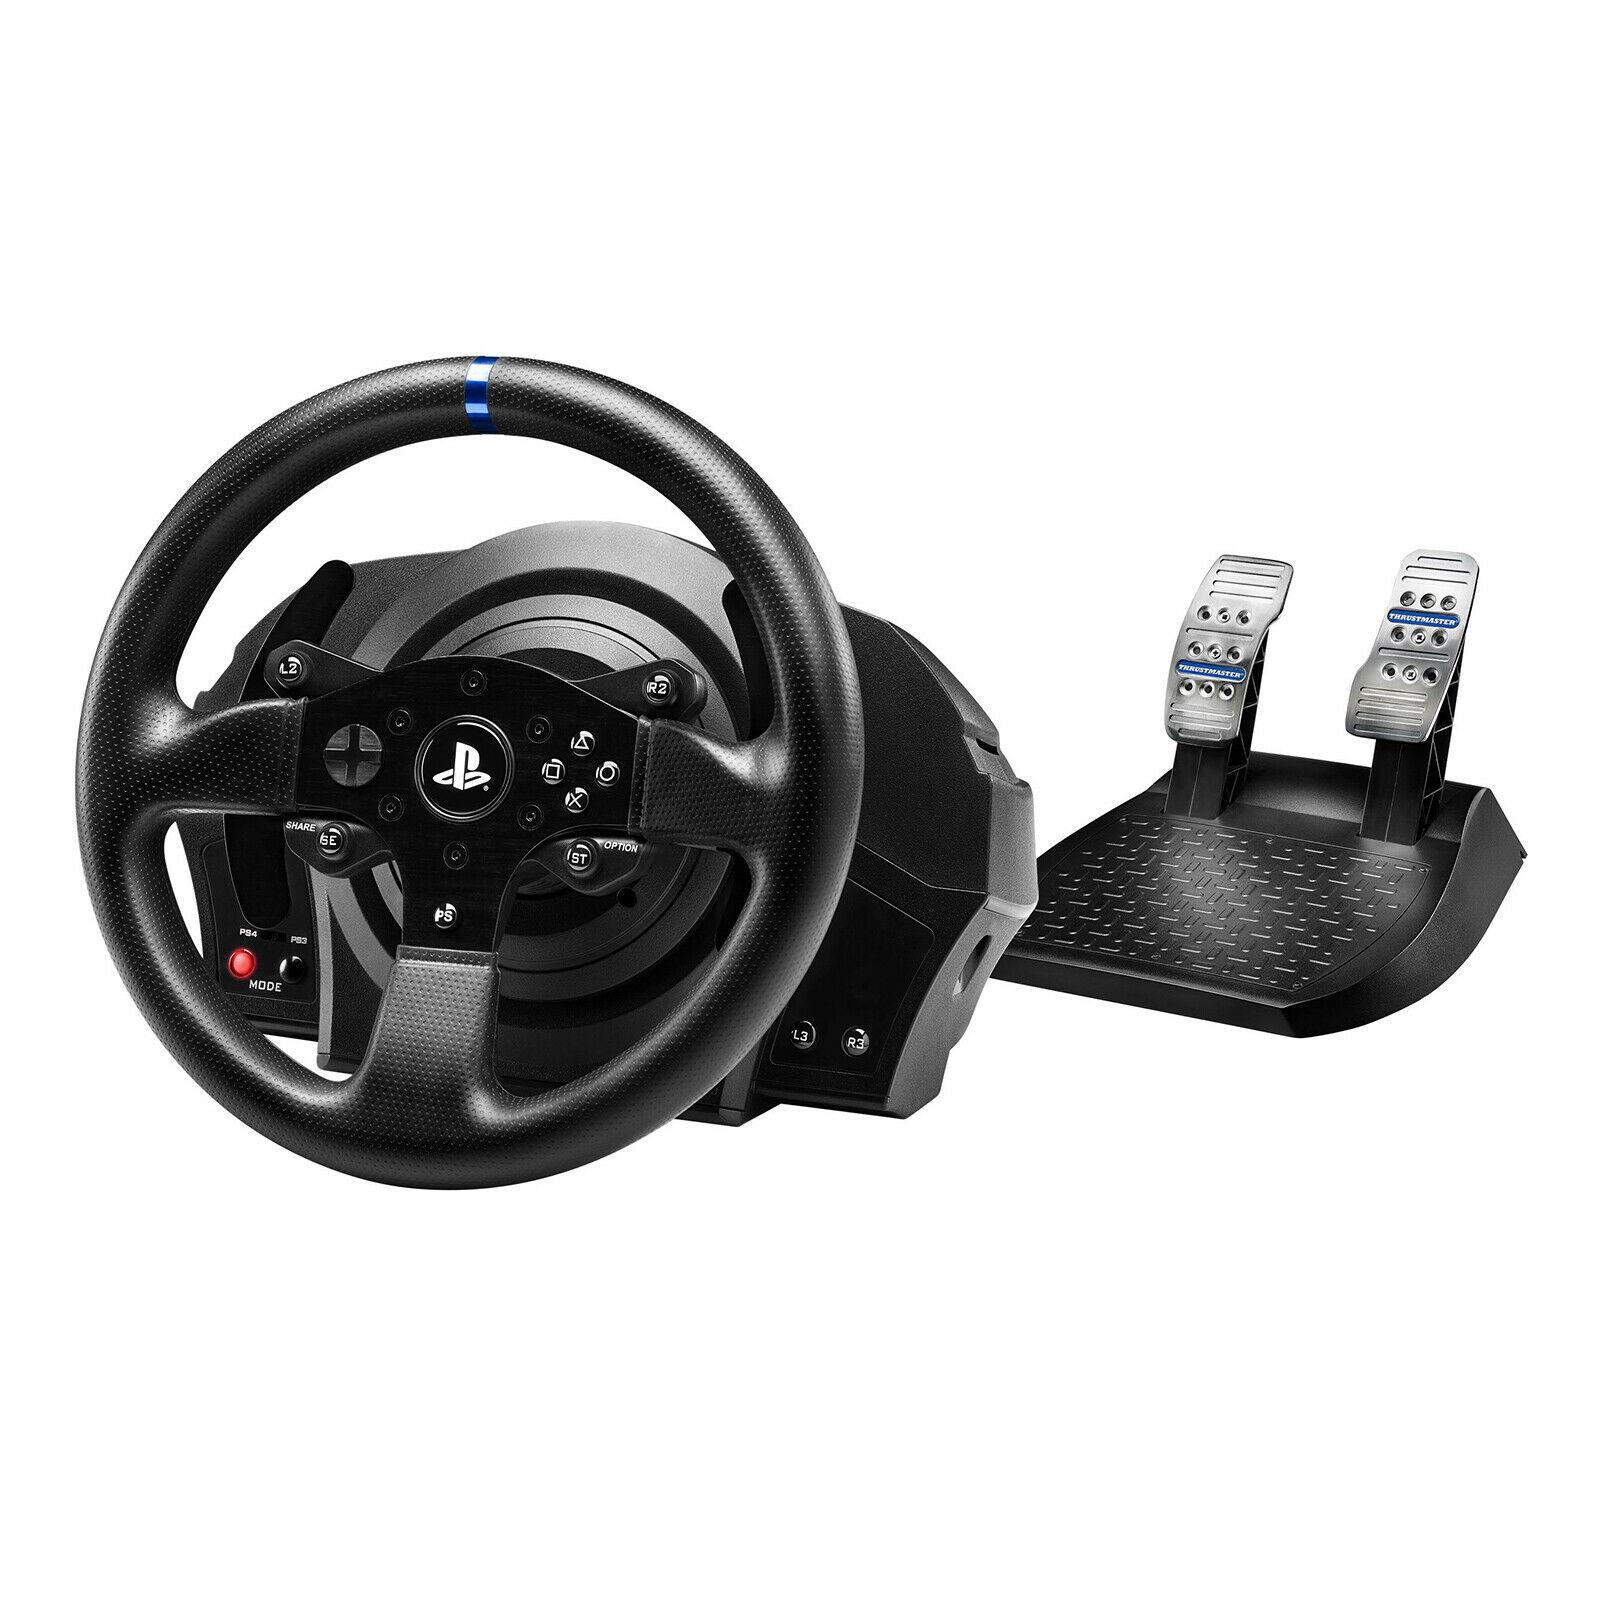 Bild zu Thrustmaster T300RS Racing Wheel inklusive Pedal-Set [PS4] für 259,89€ (Vergleich: 288,98€)